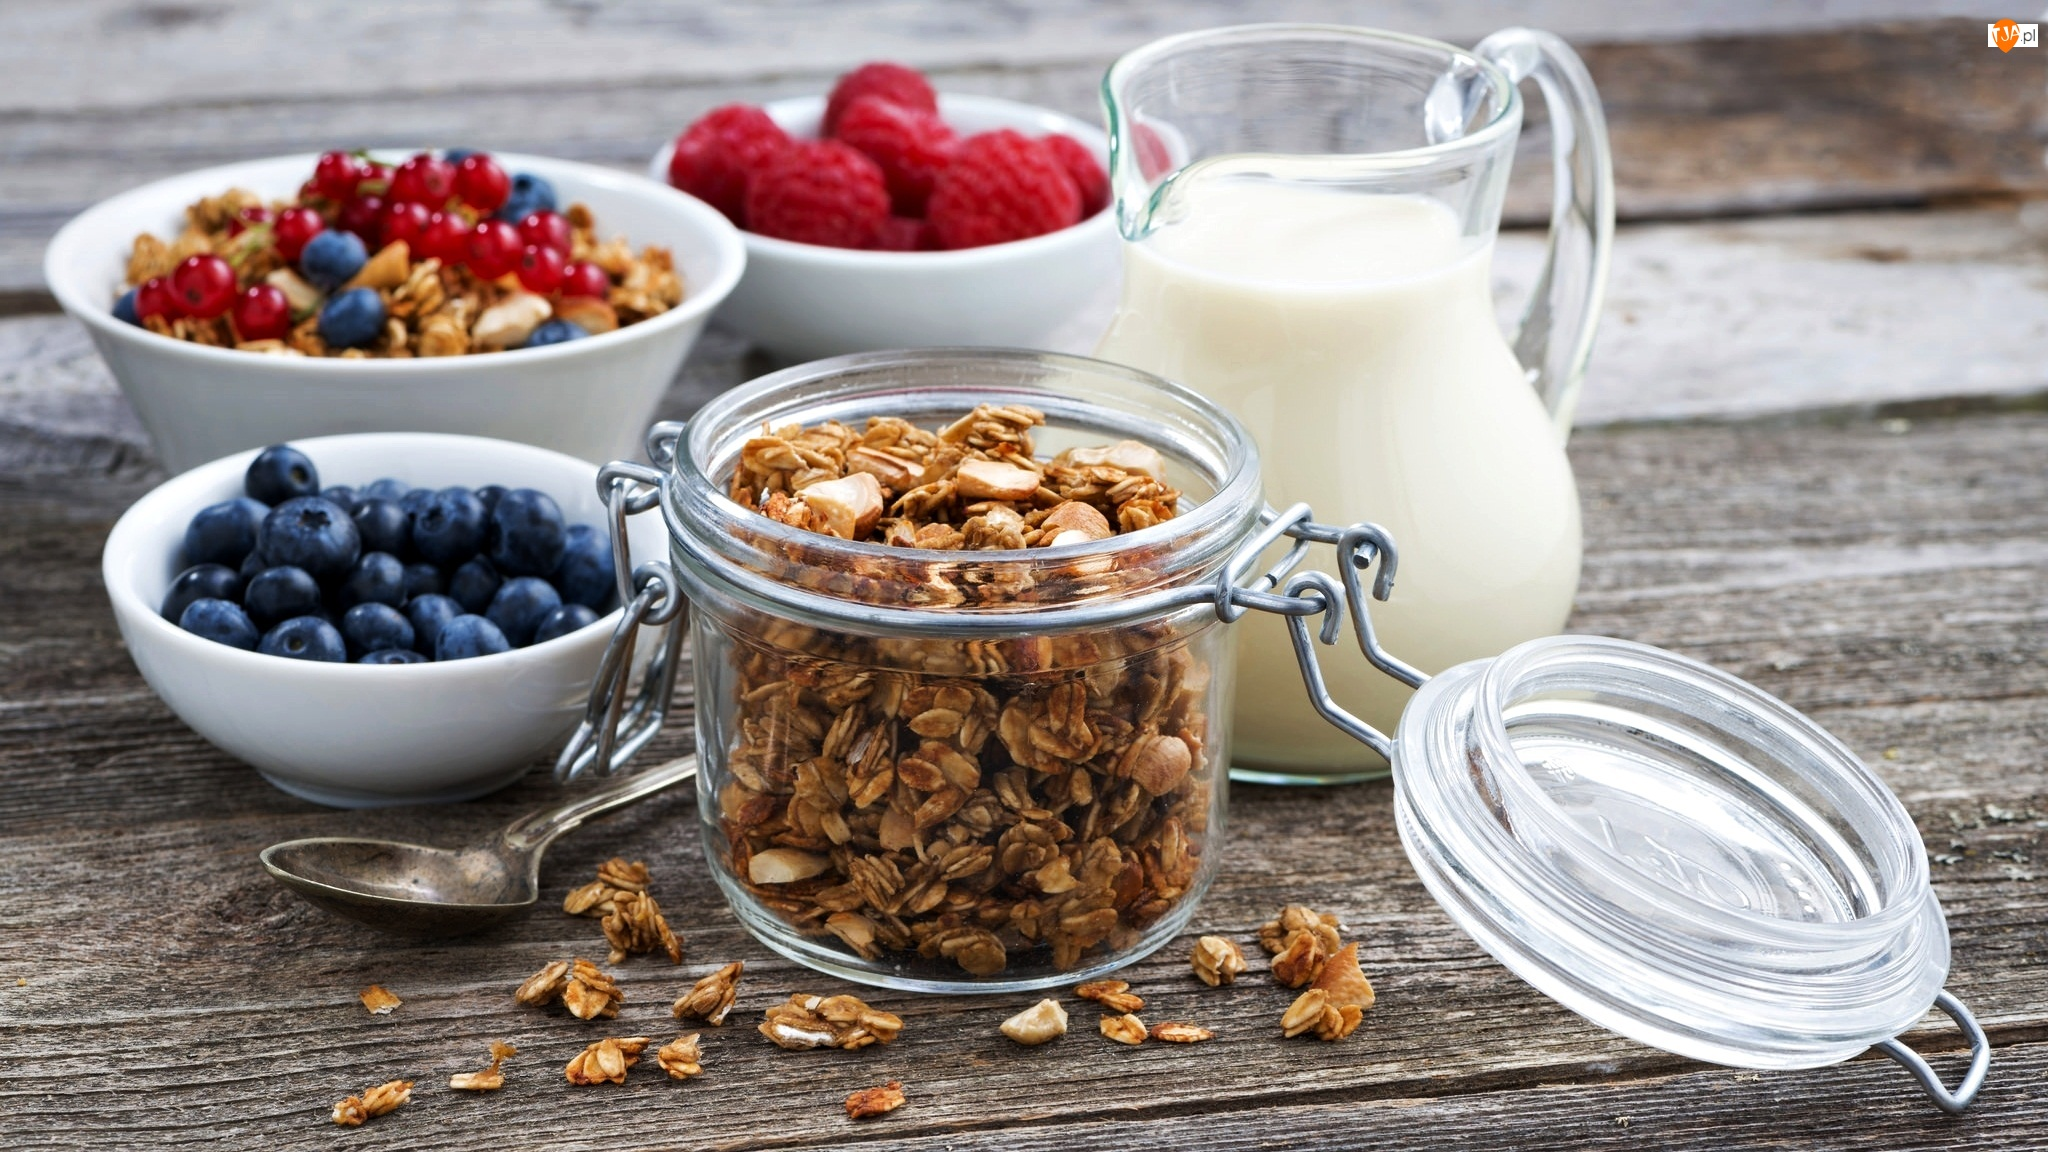 Płatki, Śniadanie, Maliny, Mleko, Owoce, Jagody